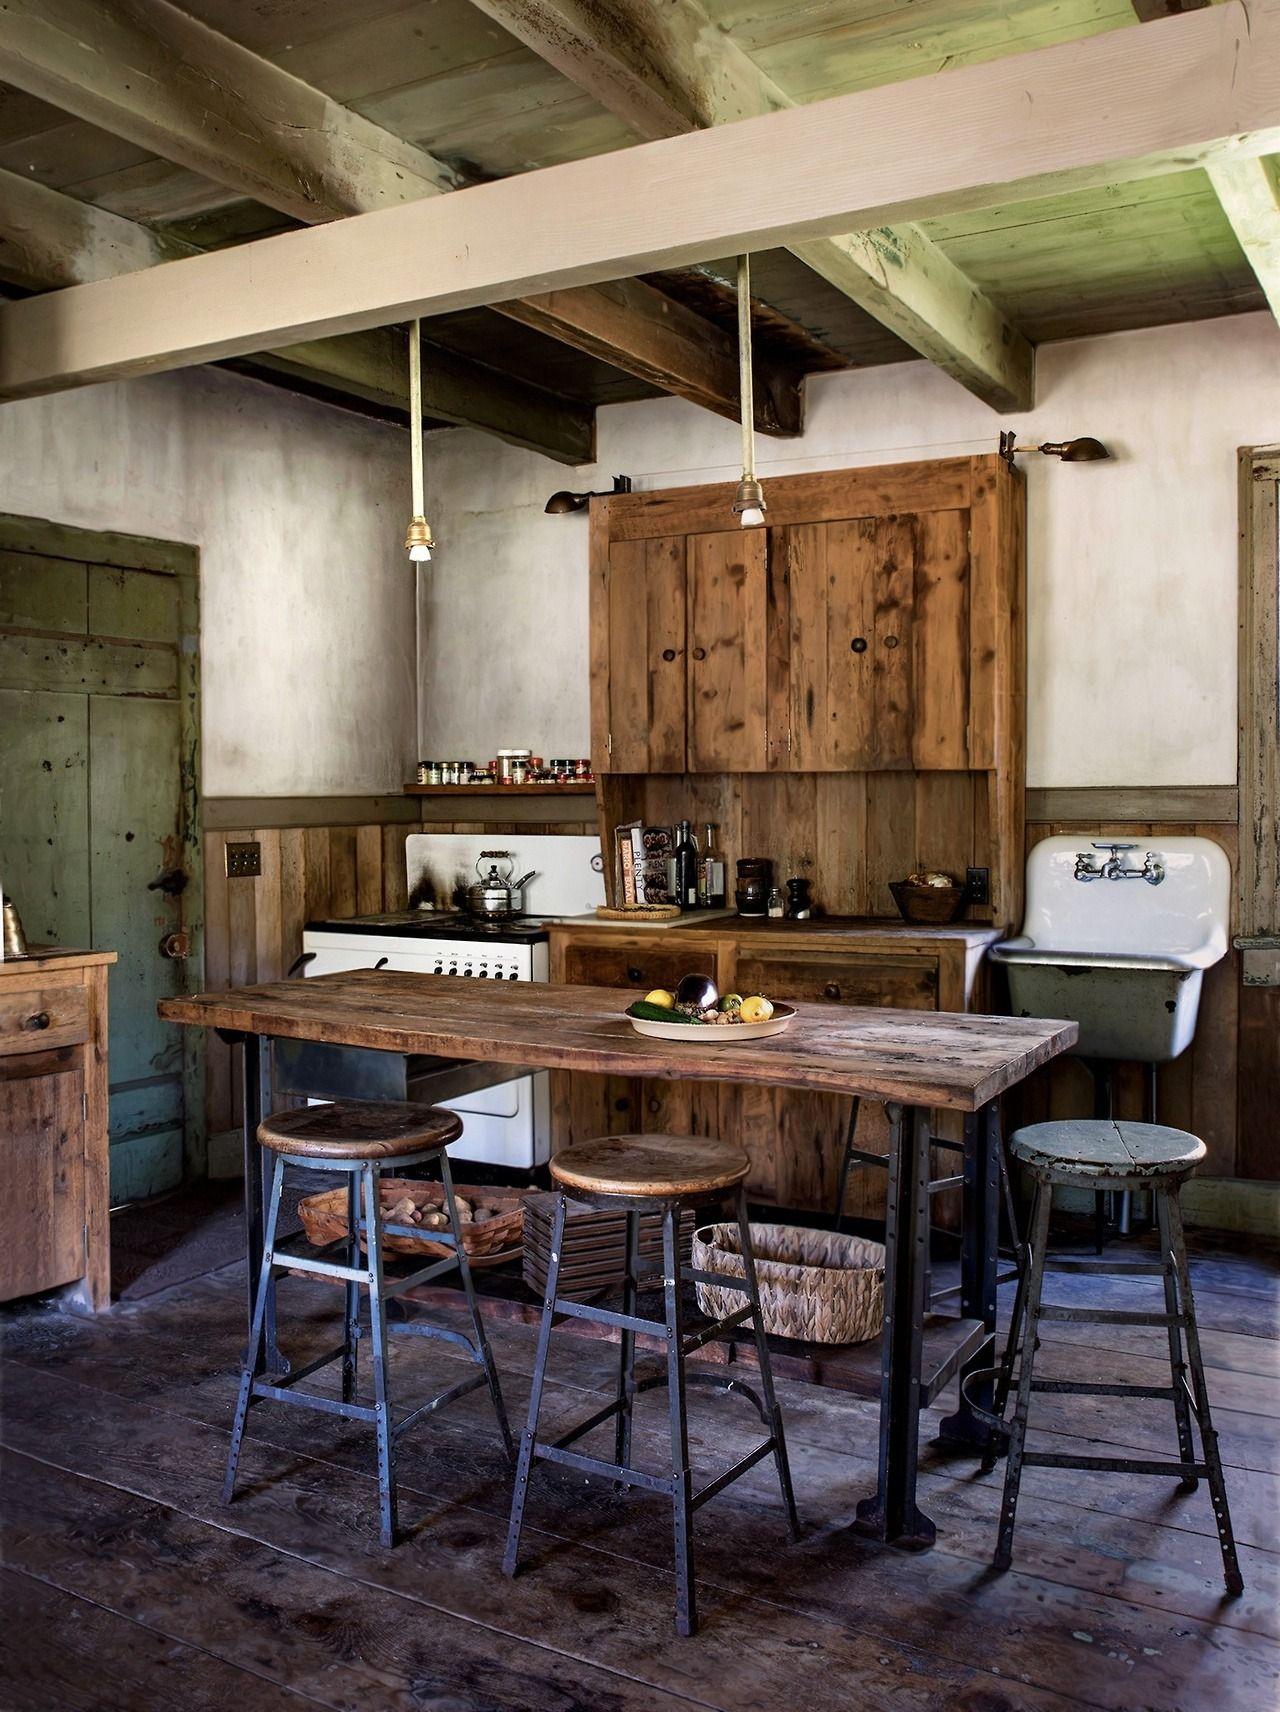 Rustic cabin kitchen   KITCHEN - BLOG   Pinterest